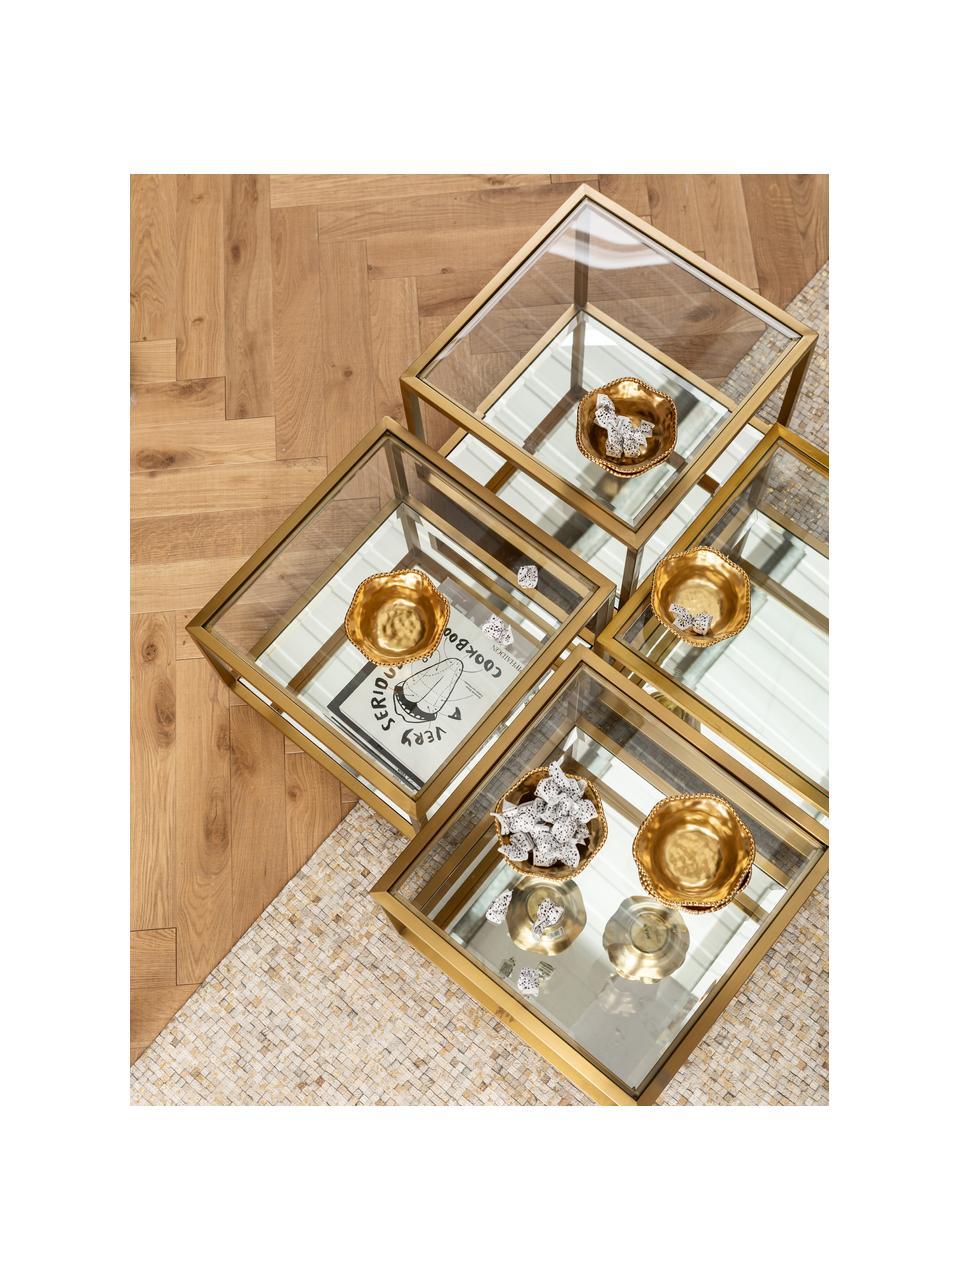 Salontafelset Luigi met onderzijde van spiegelglas, 4-delig, Frame: gelakt edelstaal, Bodem: spiegelglas, Poten: MDF, Goudkleurig, zwart, Set met verschillende formaten